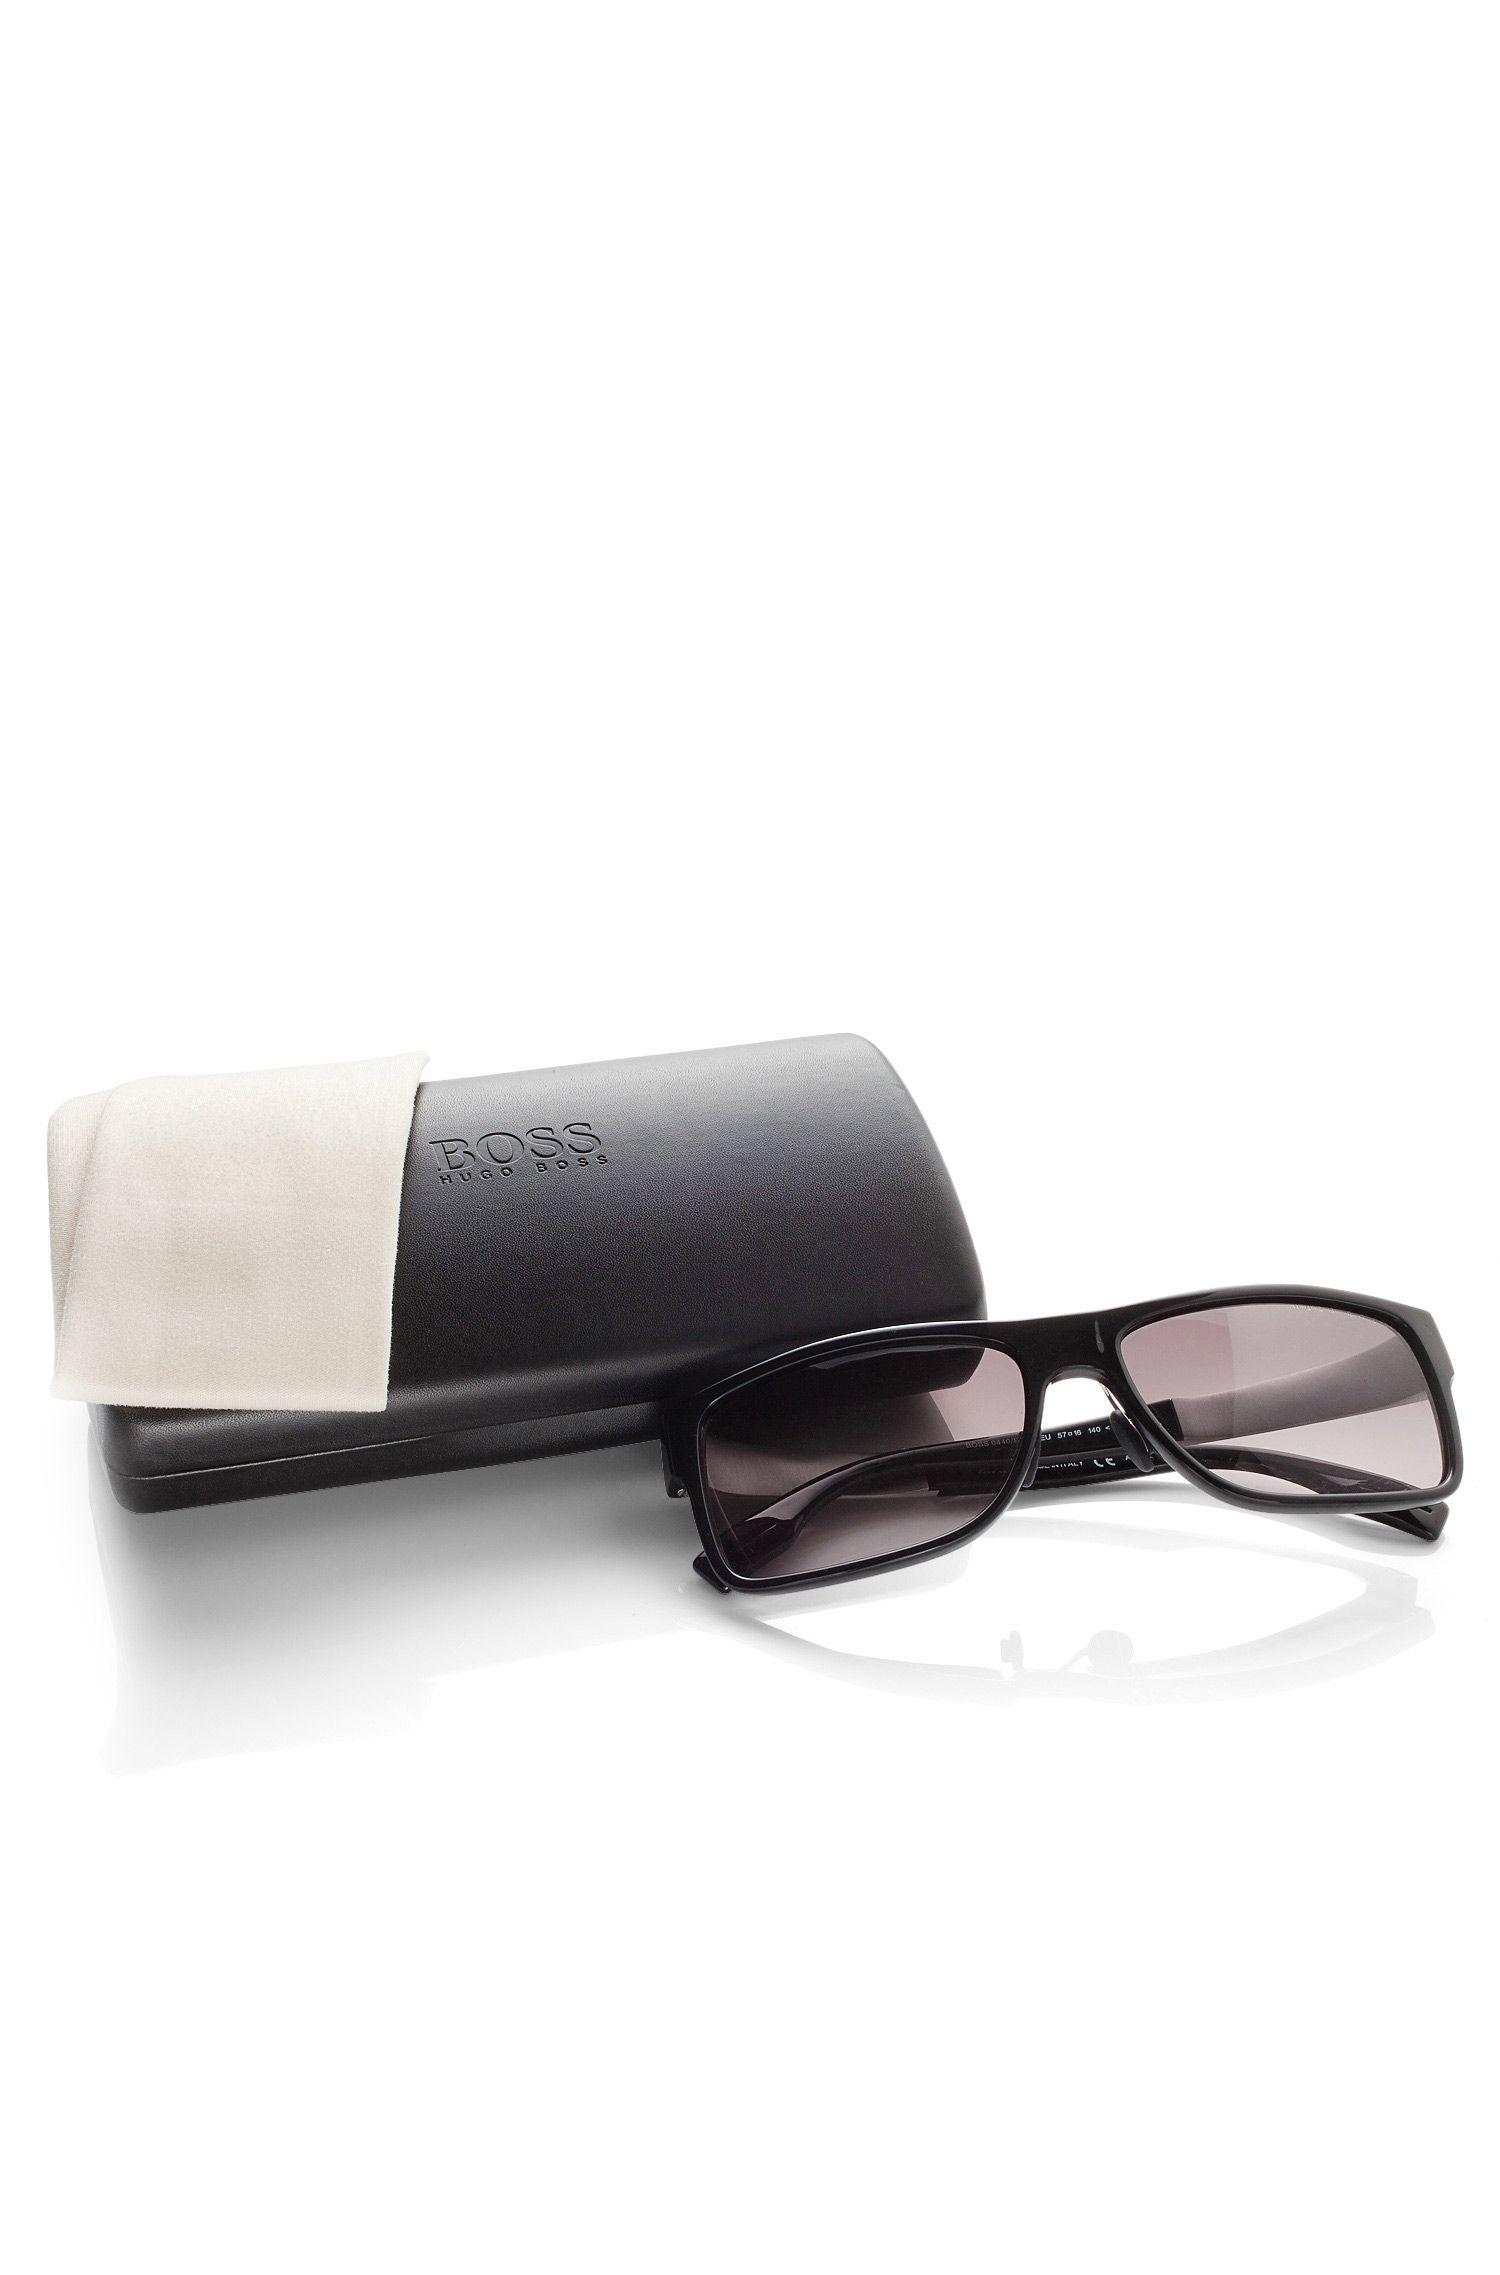 Sonnenbrille ´BOSS 0440/S` im Wayfarer-Stil